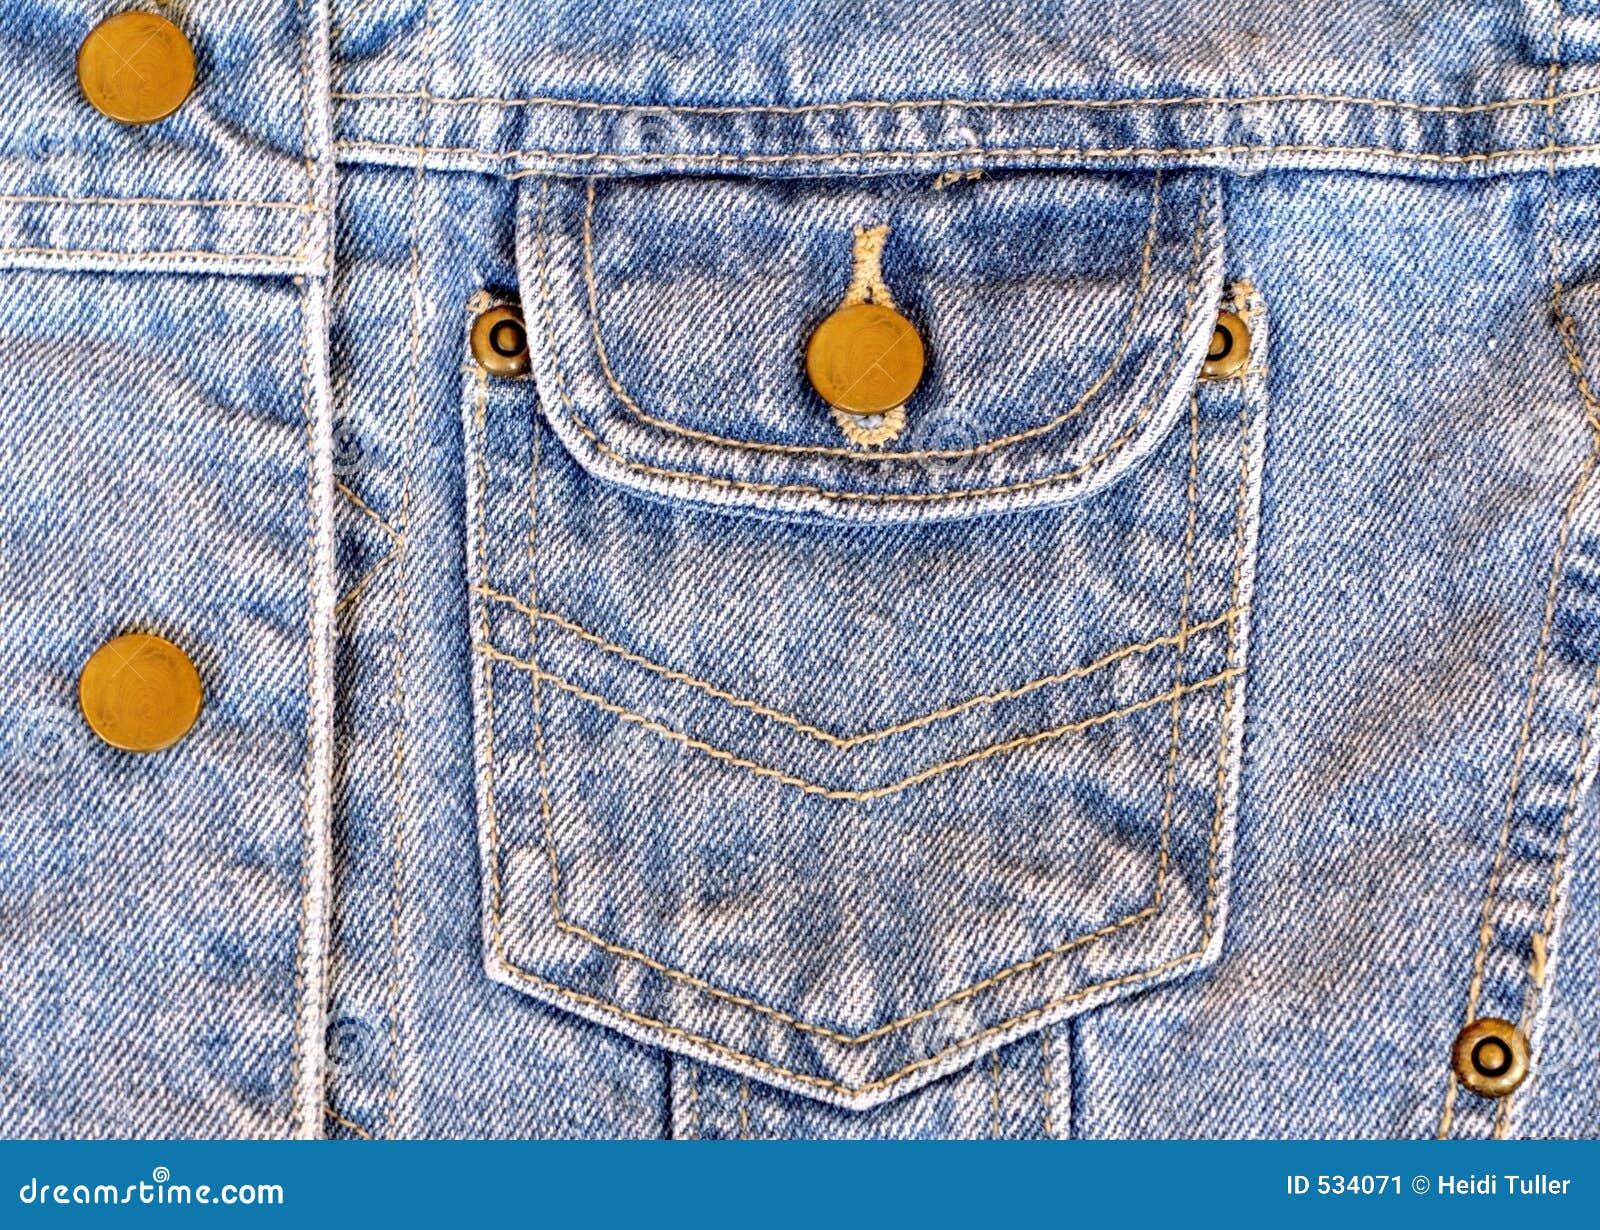 Download 牛仔布矿穴 库存图片. 图片 包括有 充分, 牛仔裤, 退色, 衣物, 矿穴, 漂白的, 材料, 按钮, 木头 - 534071